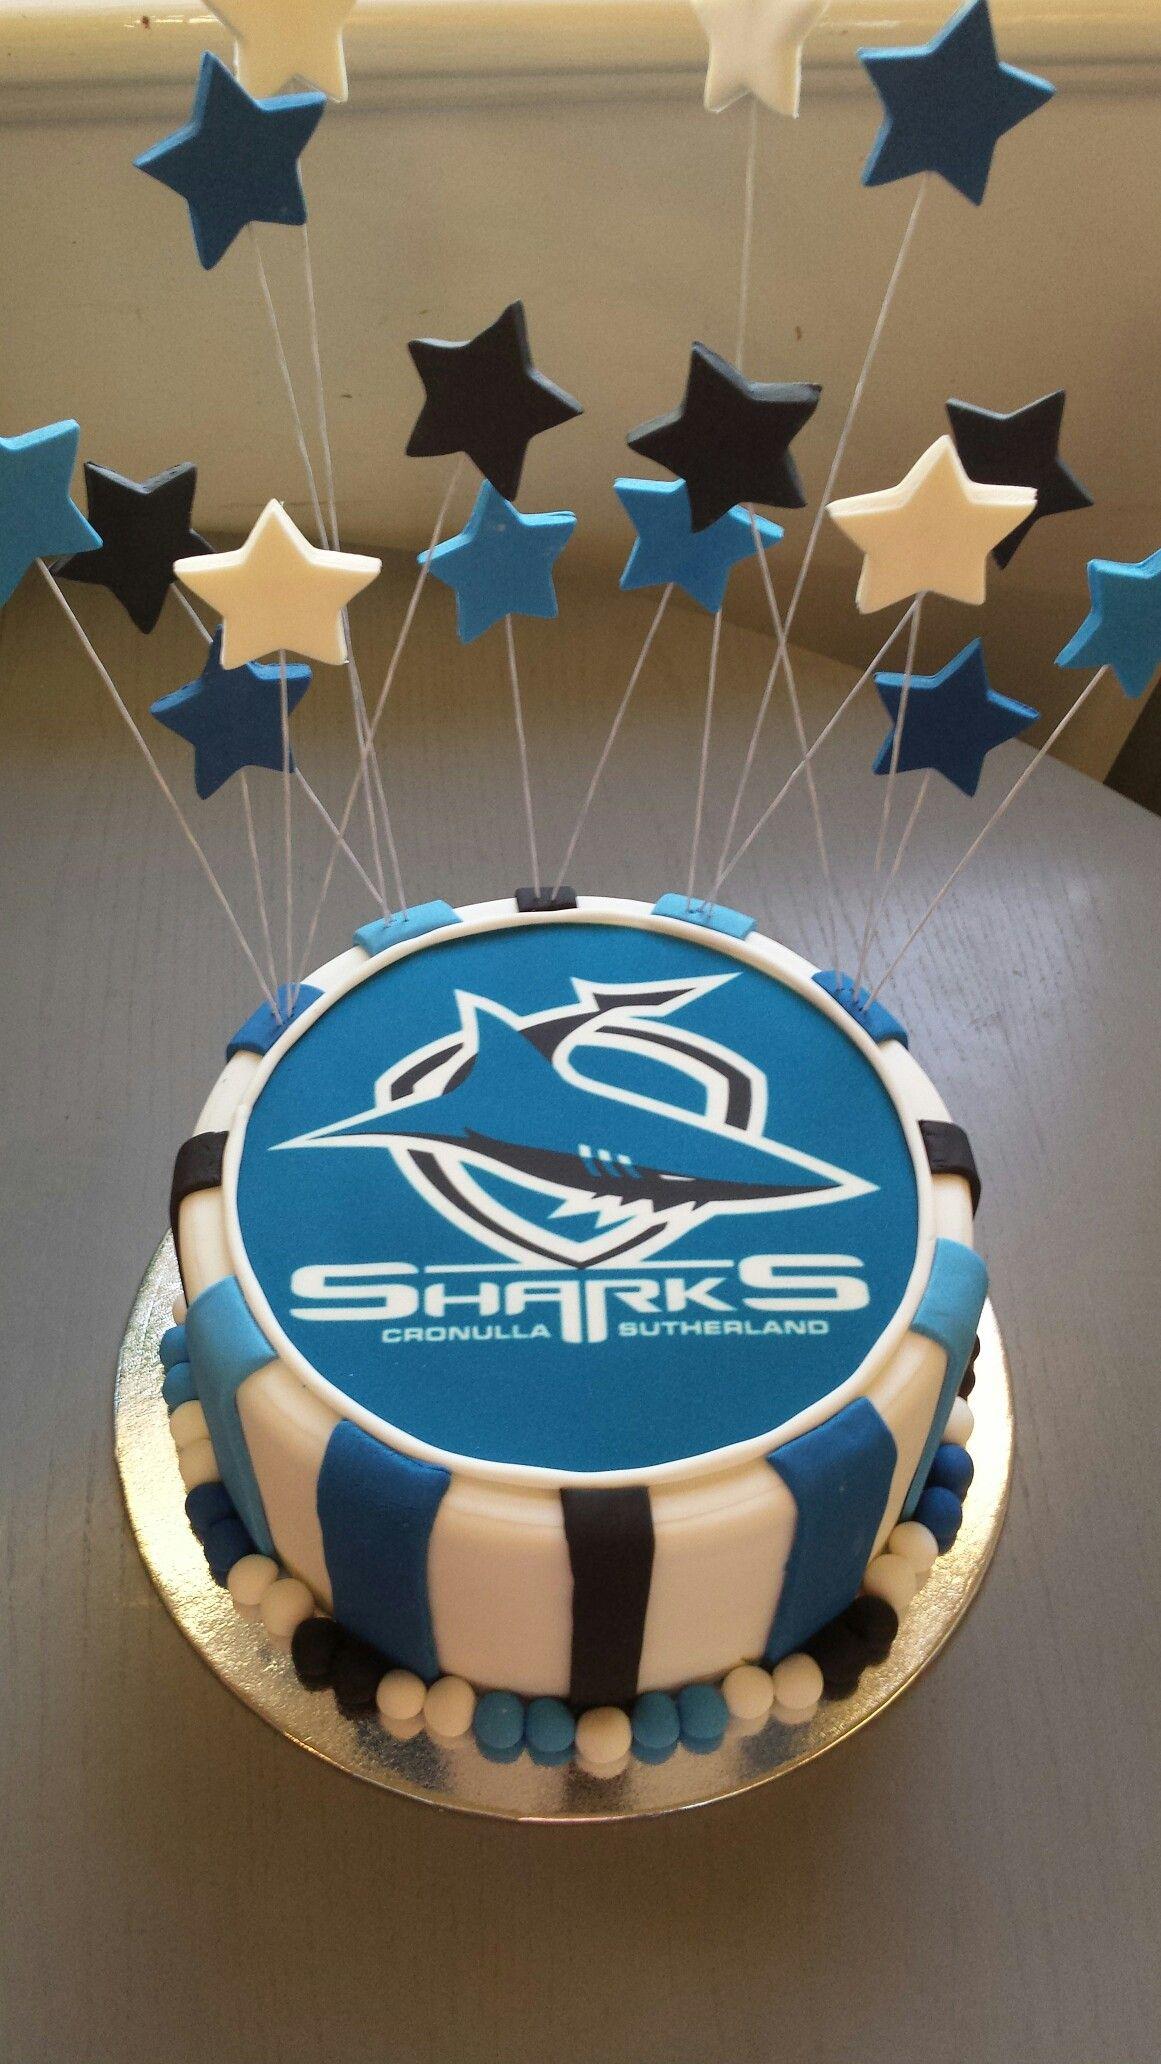 Cronulla sharks cakes shark cake themed cakes football